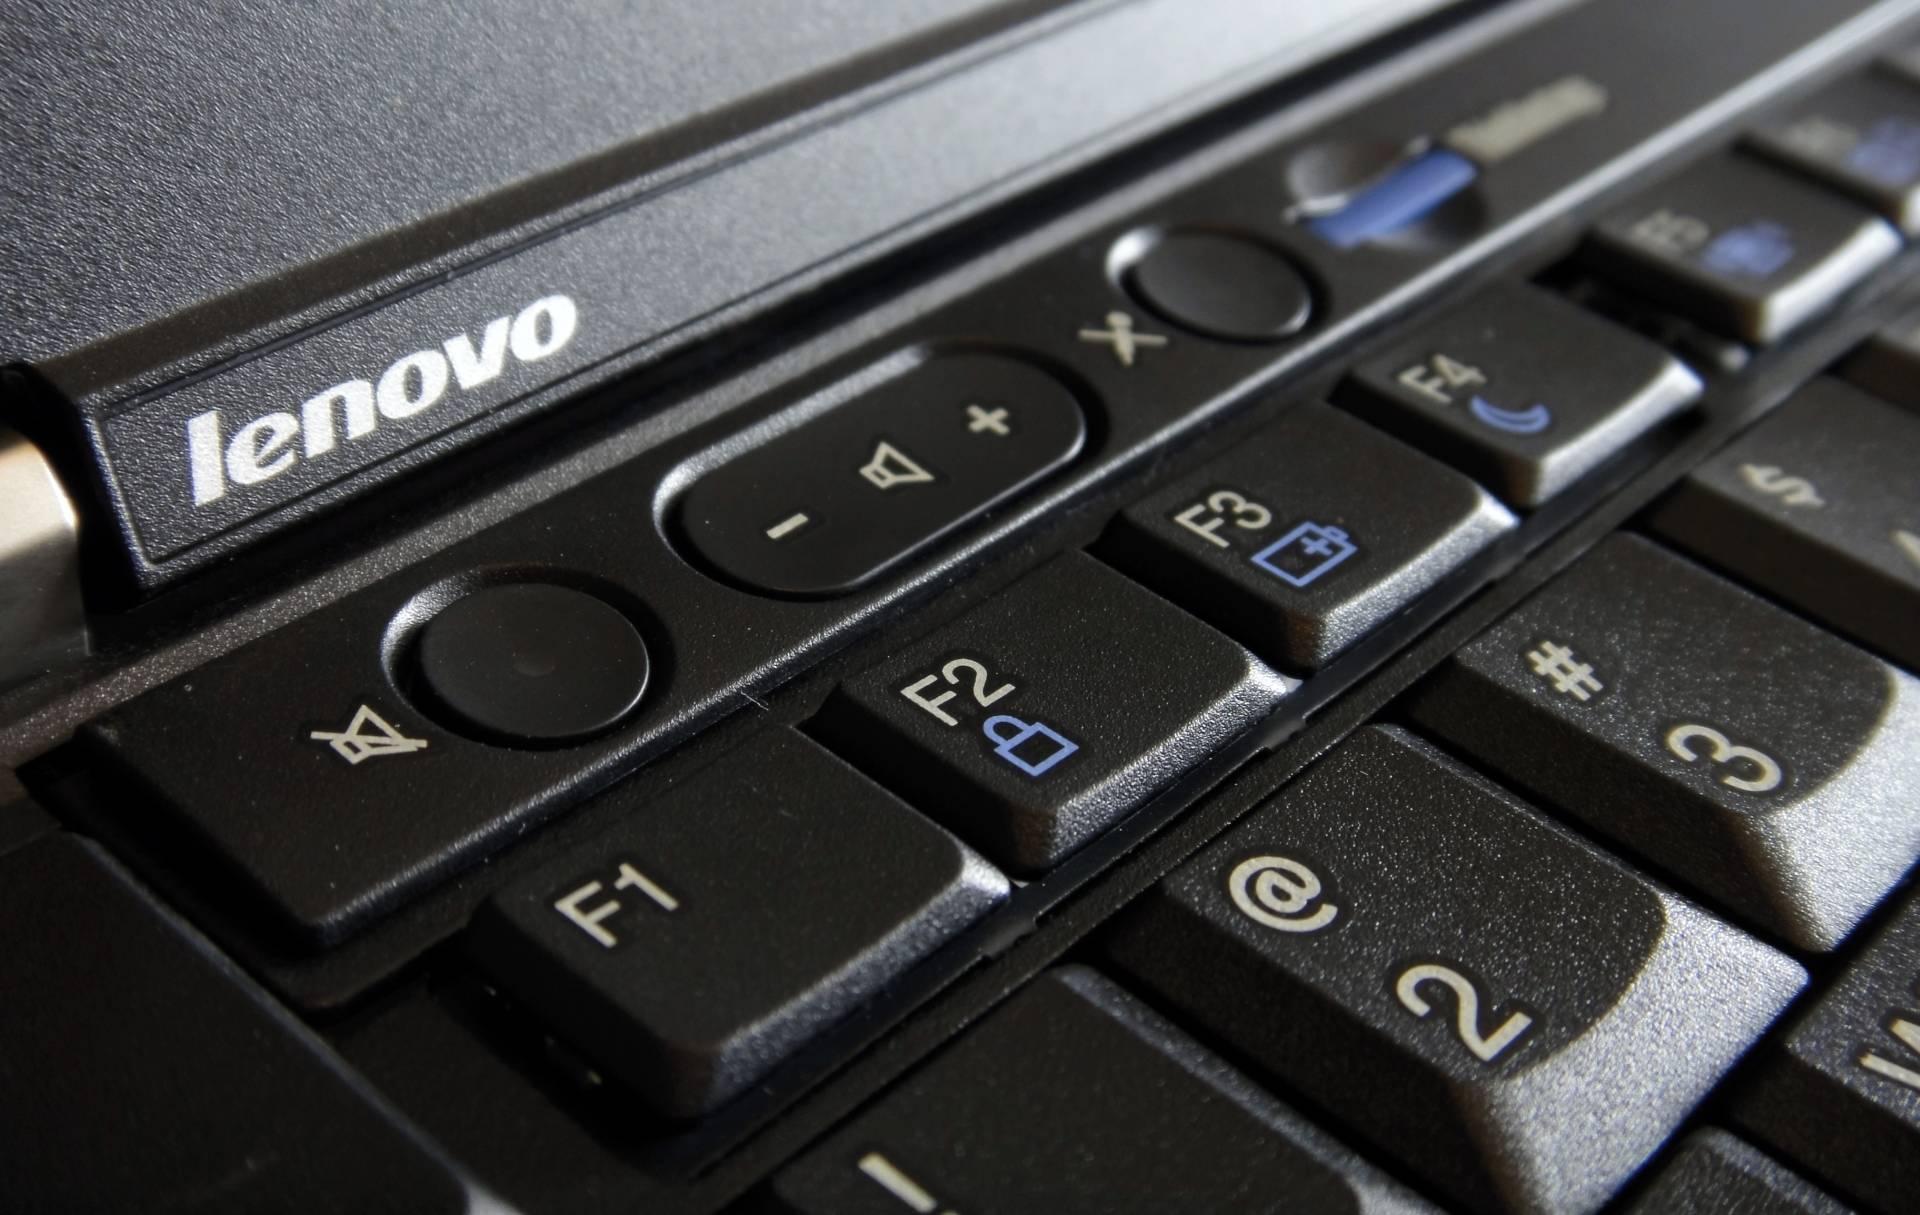 Bendito tu eres... entre todos los teclados.